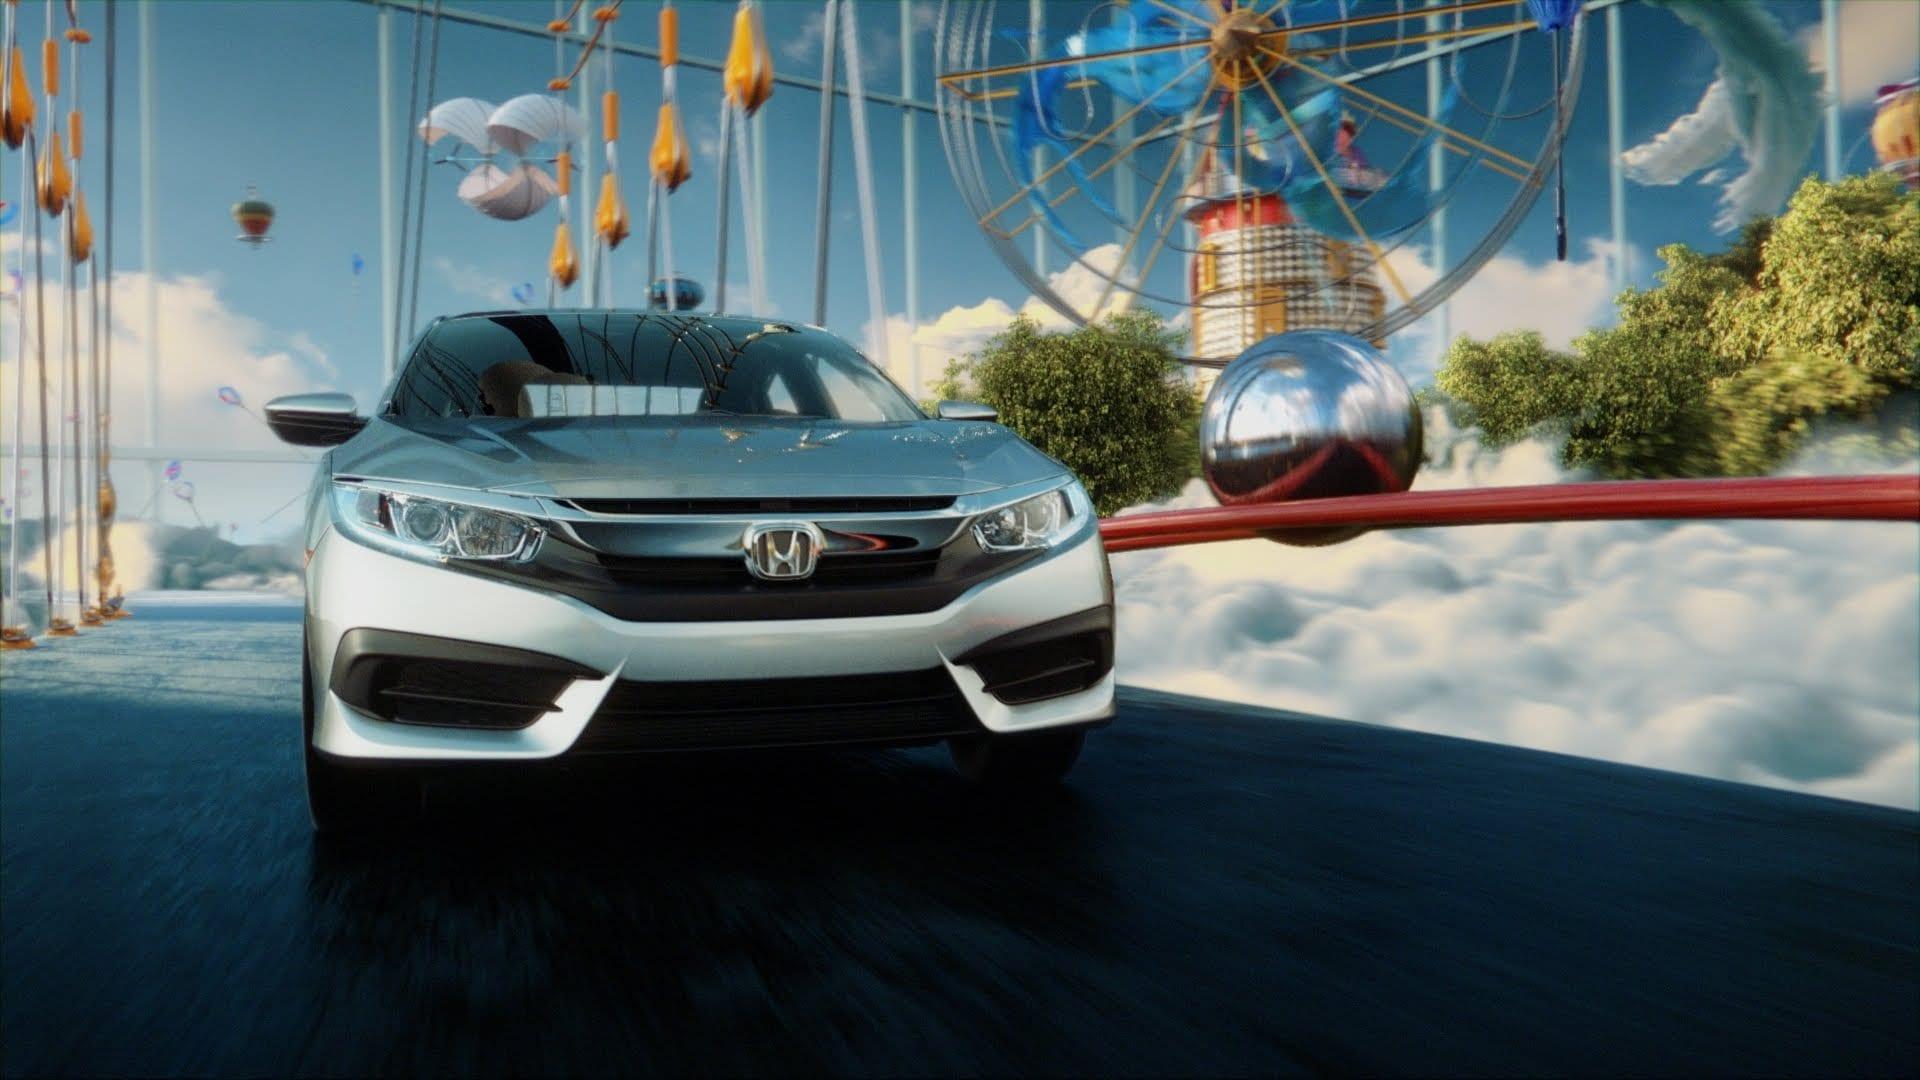 Honda: The Dreamer